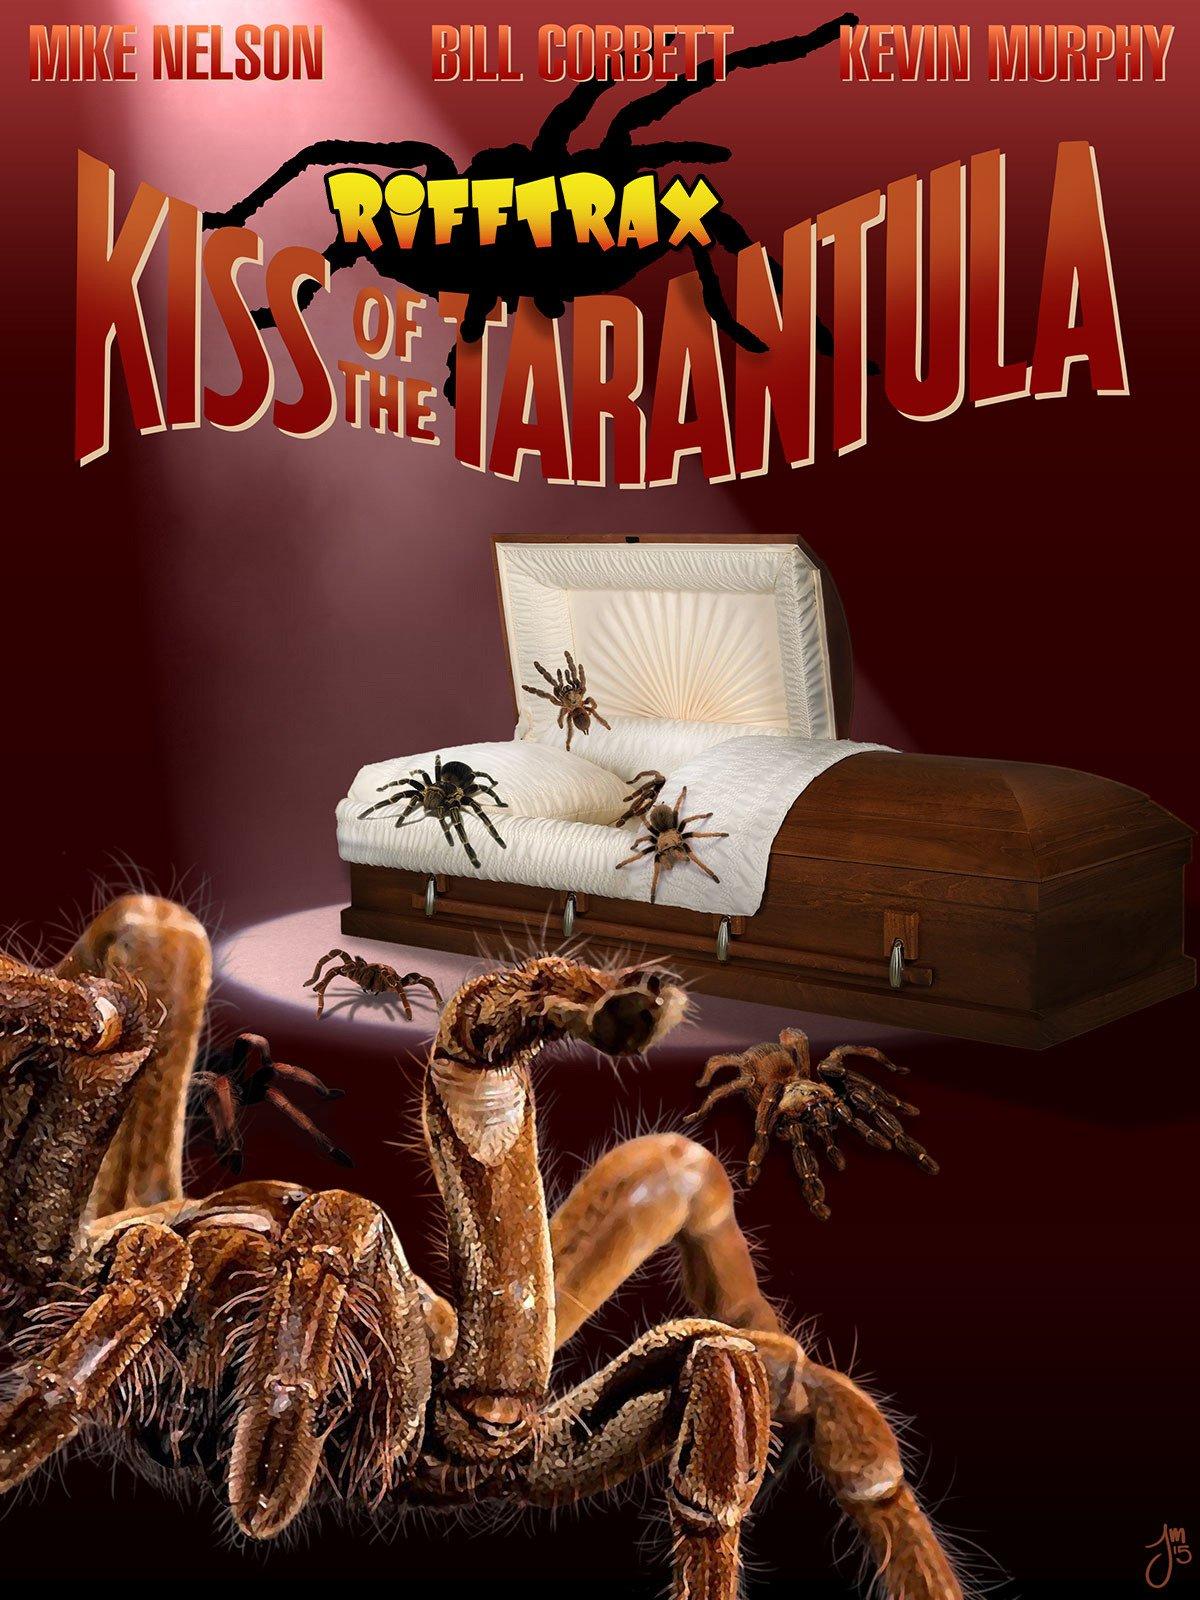 RiffTrax: Kiss Of The Tarantula